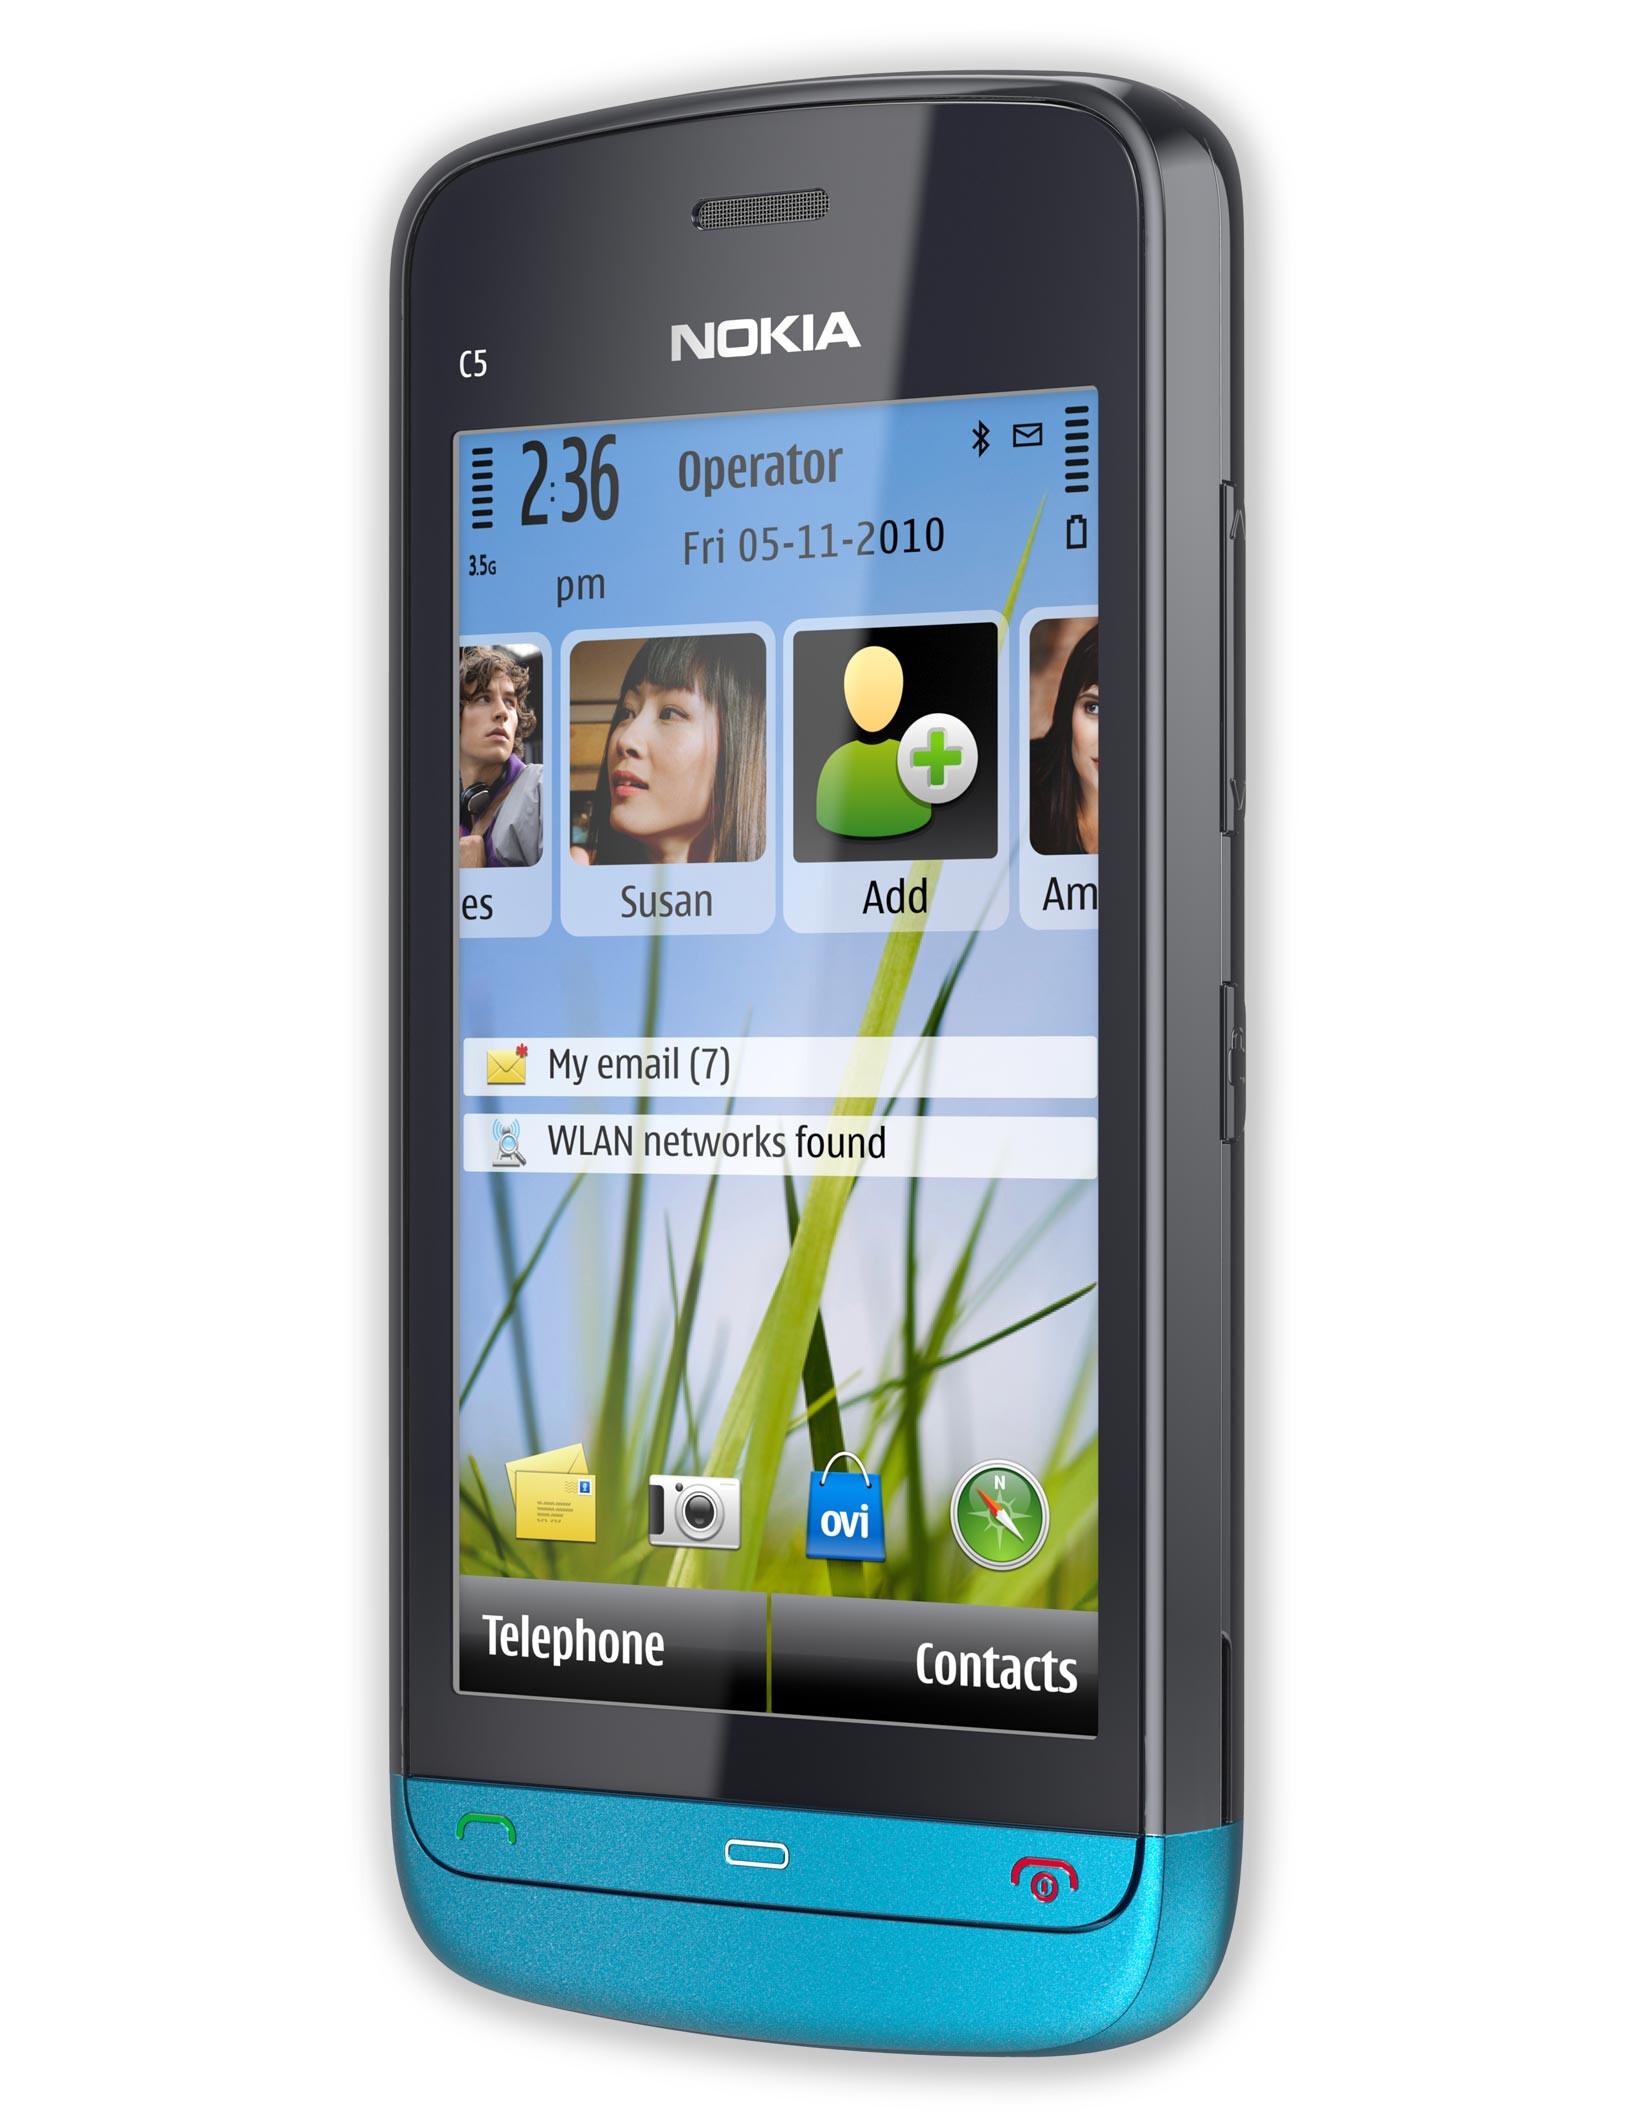 Nokia C5 06 Specs